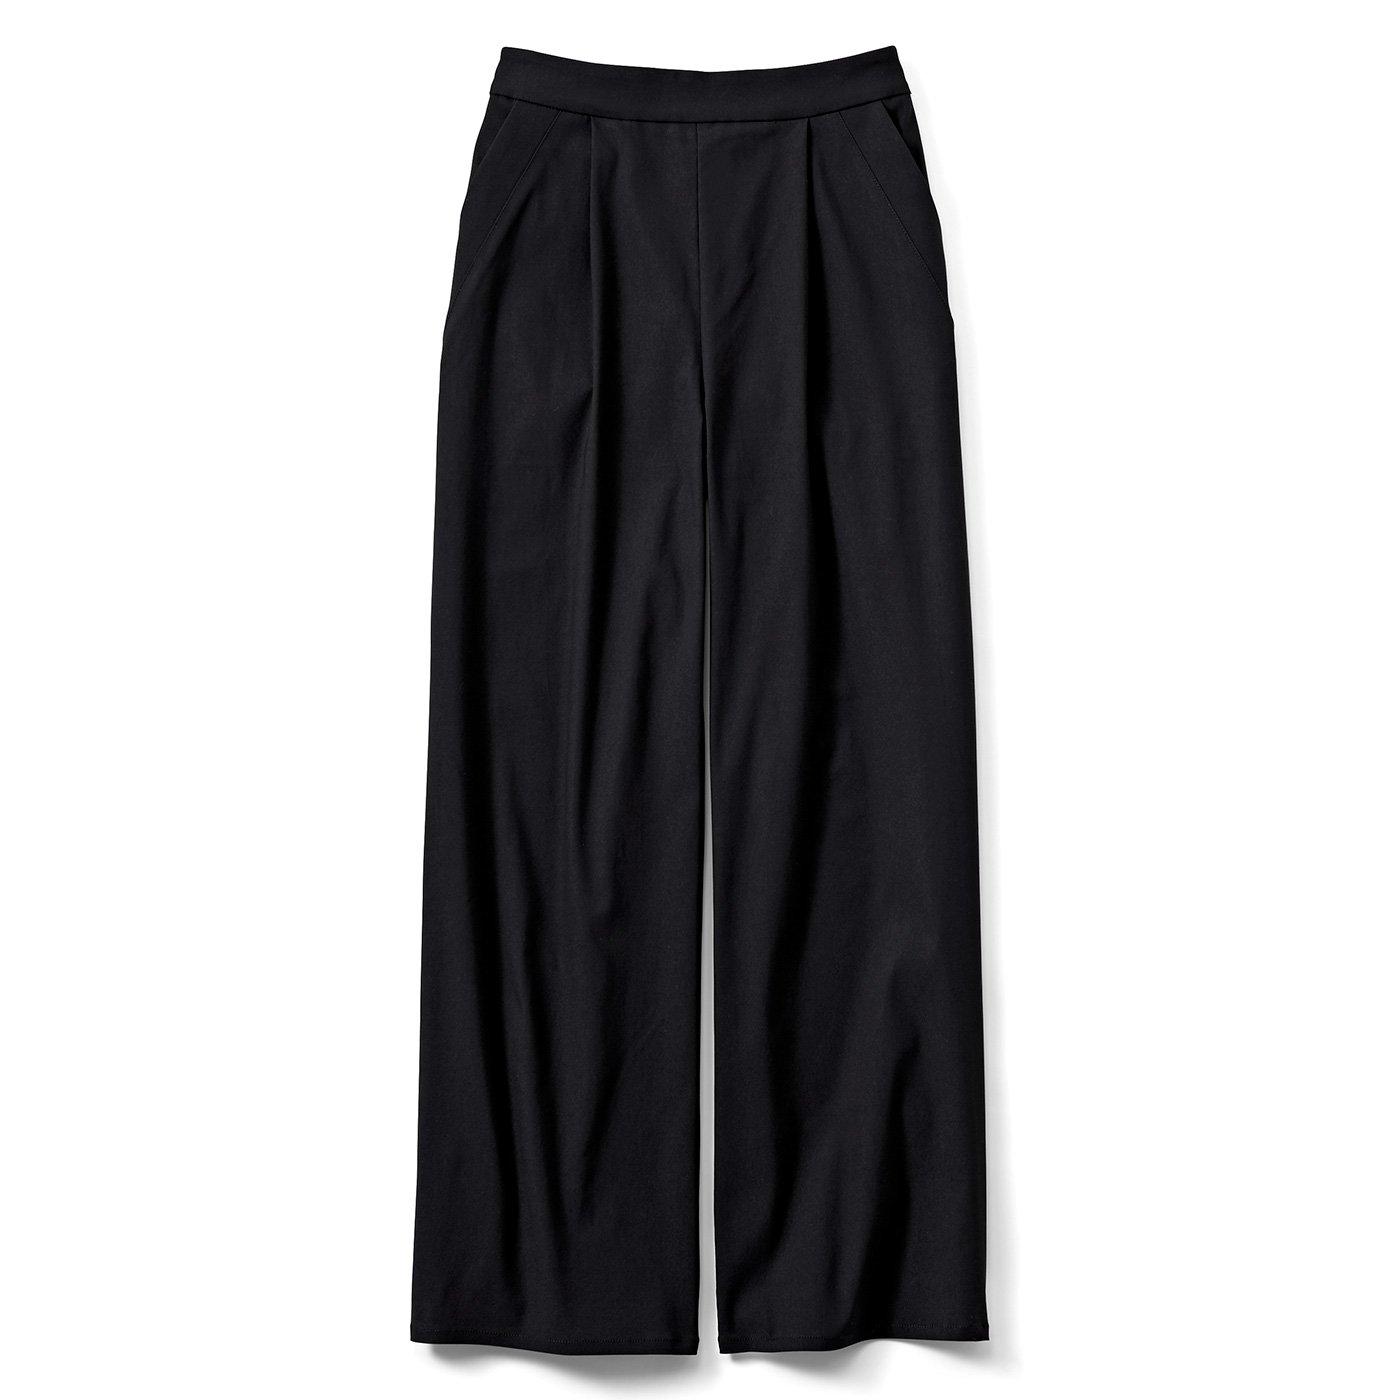 IEDIT[イディット] ぐいっとしなやか美脚もかなう ストレッチ素材のエアノビワイドパンツ〈ブラック〉